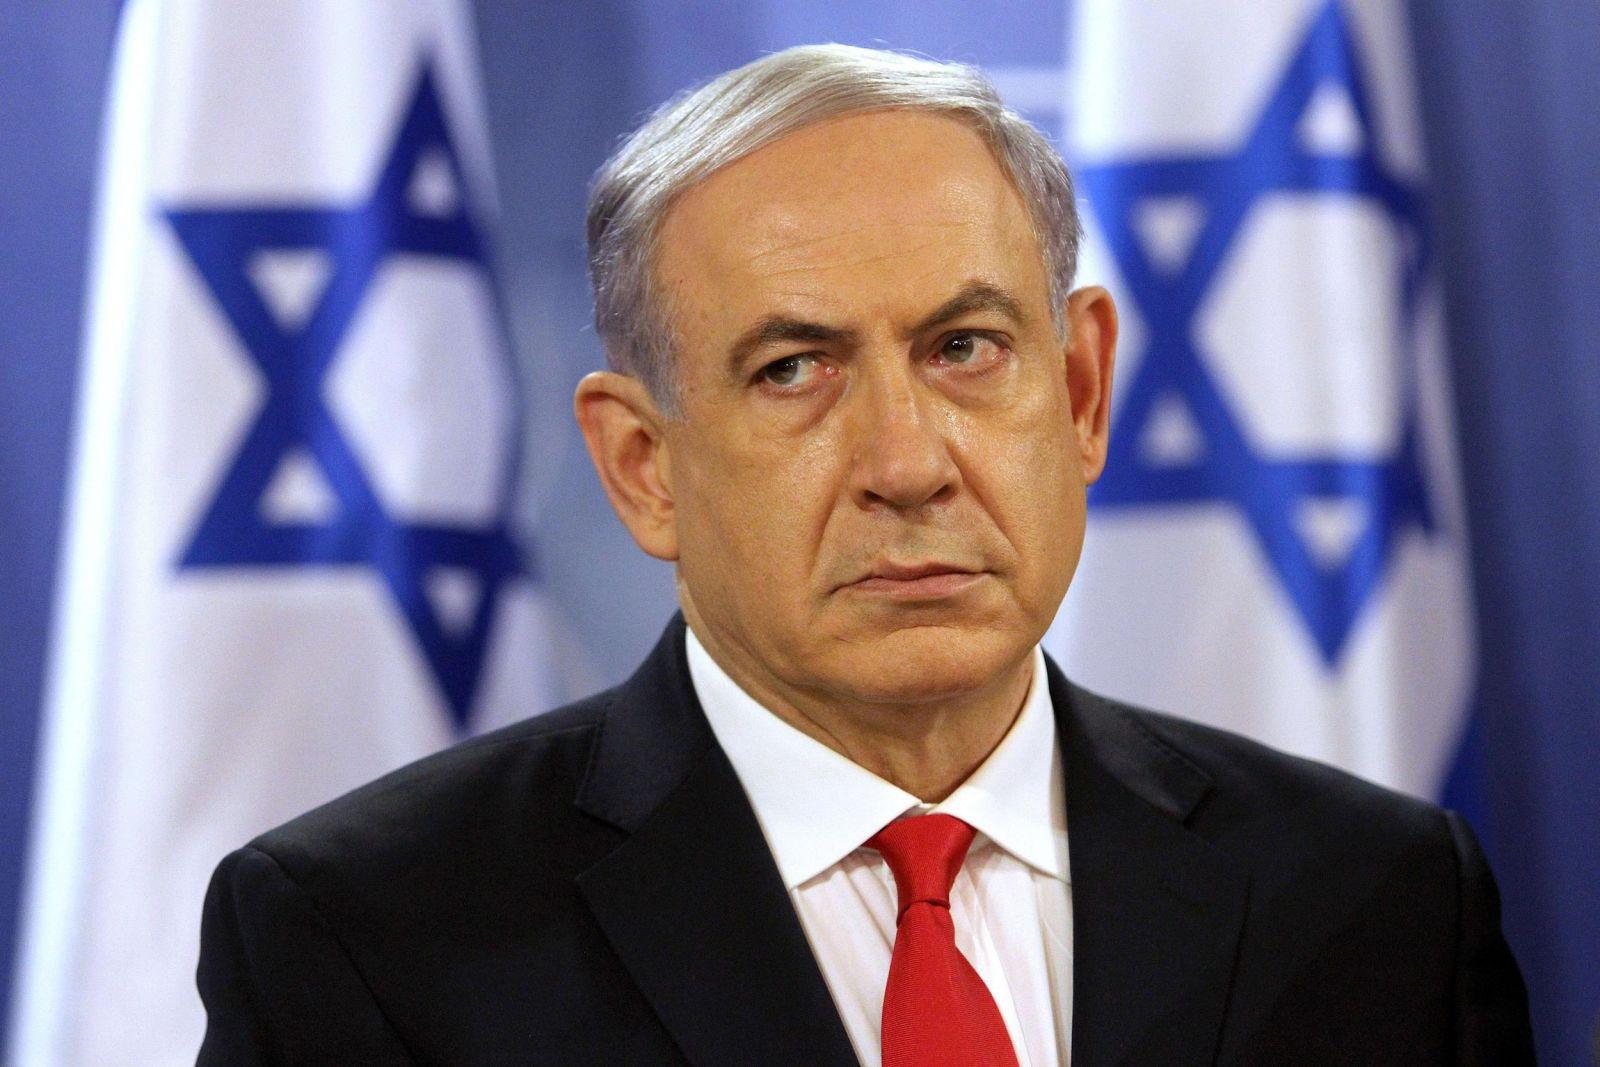 النعامى: الاحتلال يستغل  أزمات العالم لمصالحه